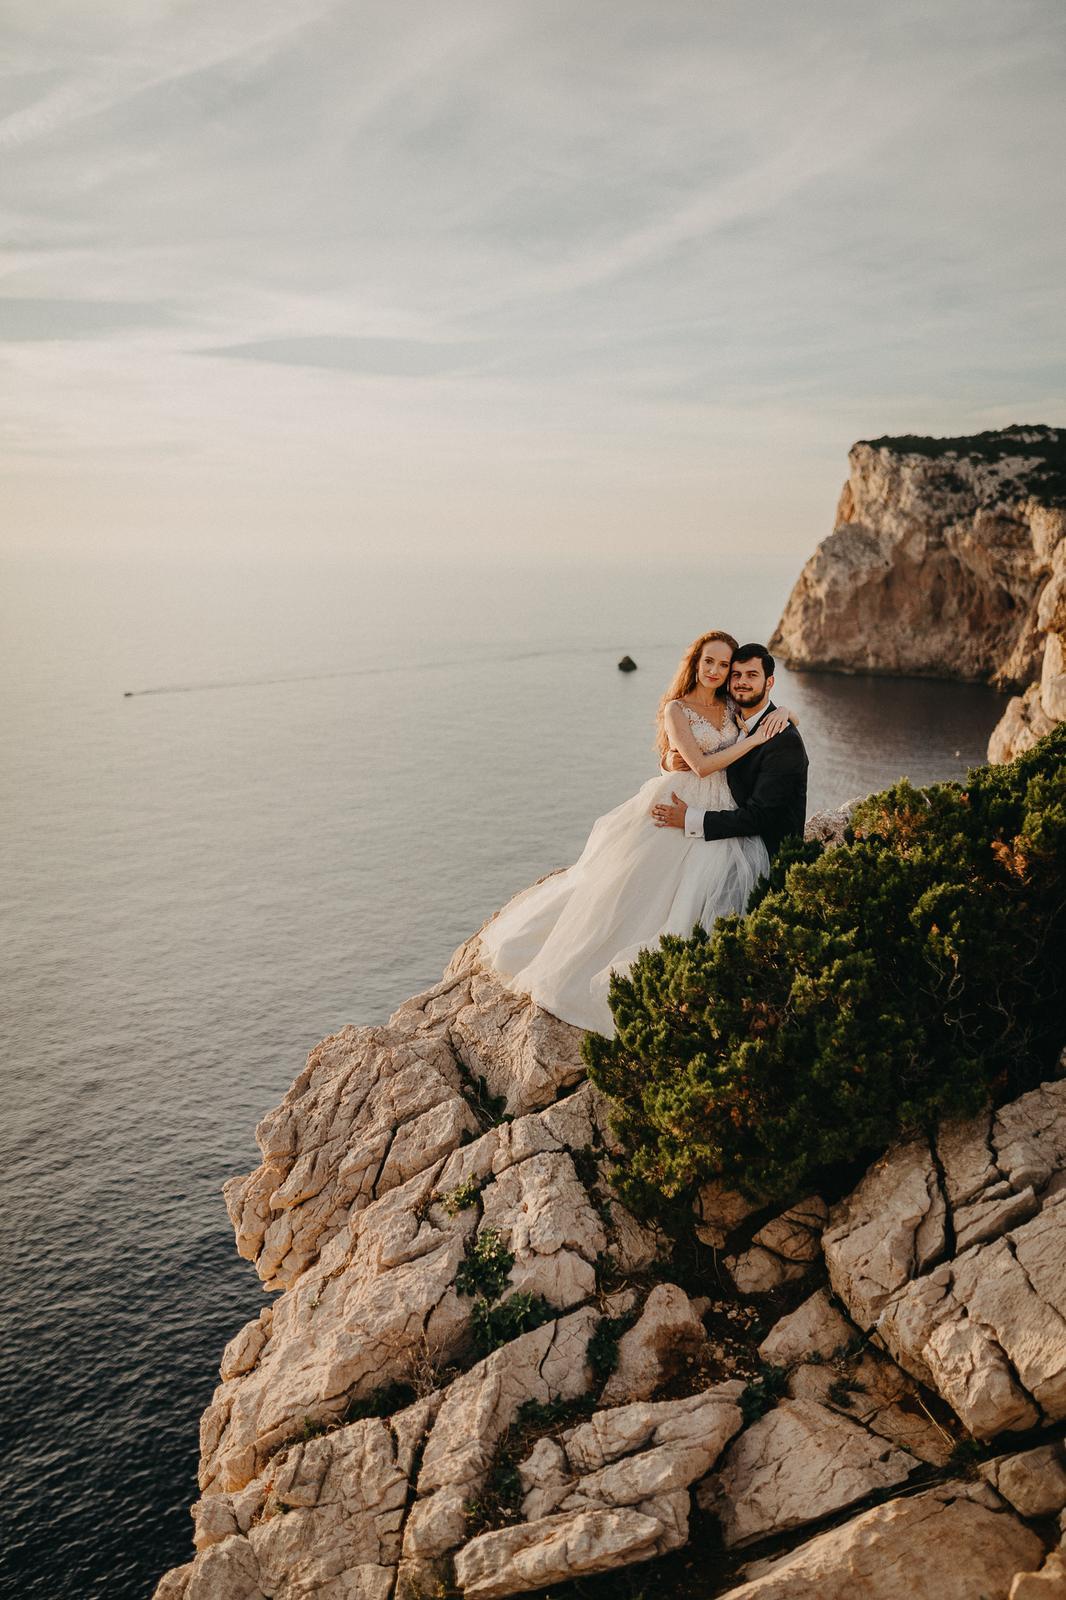 Naše svadobné fotenie na Sardínii - Obrázok č. 80